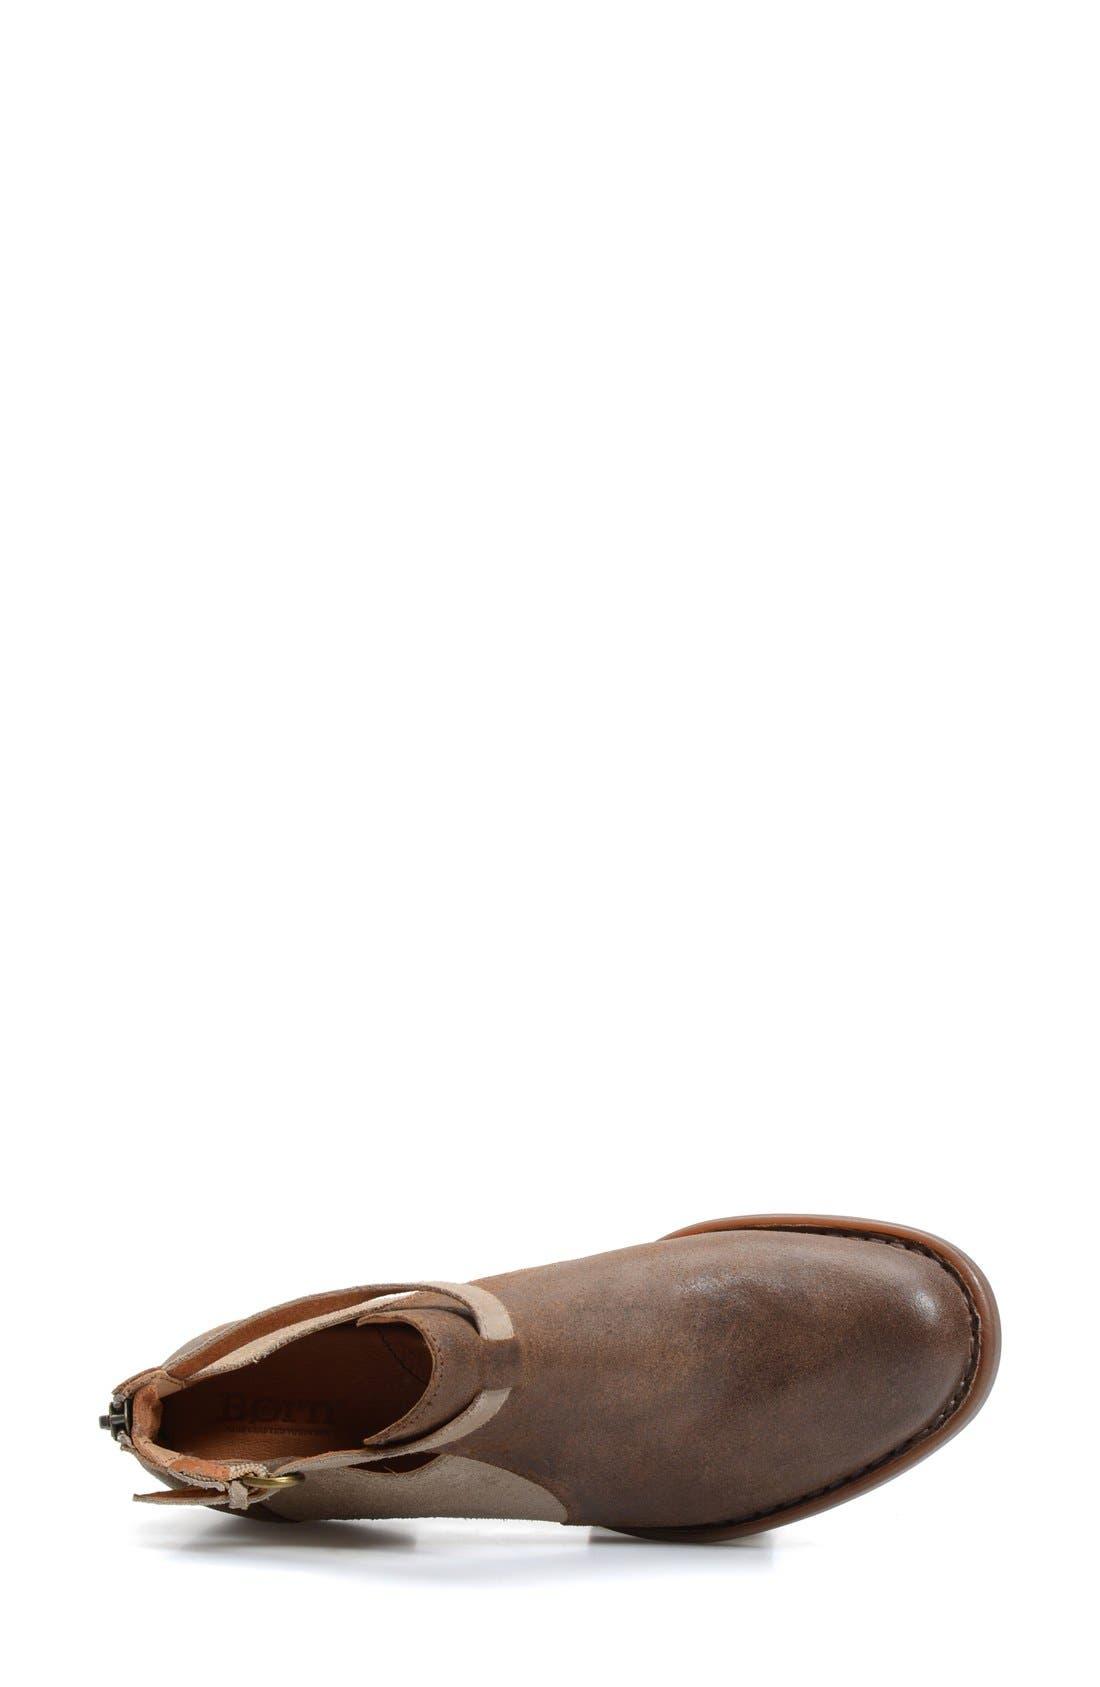 'Posh' Cutout Bootie,                             Alternate thumbnail 3, color,                             Brown/ Castoro Leather